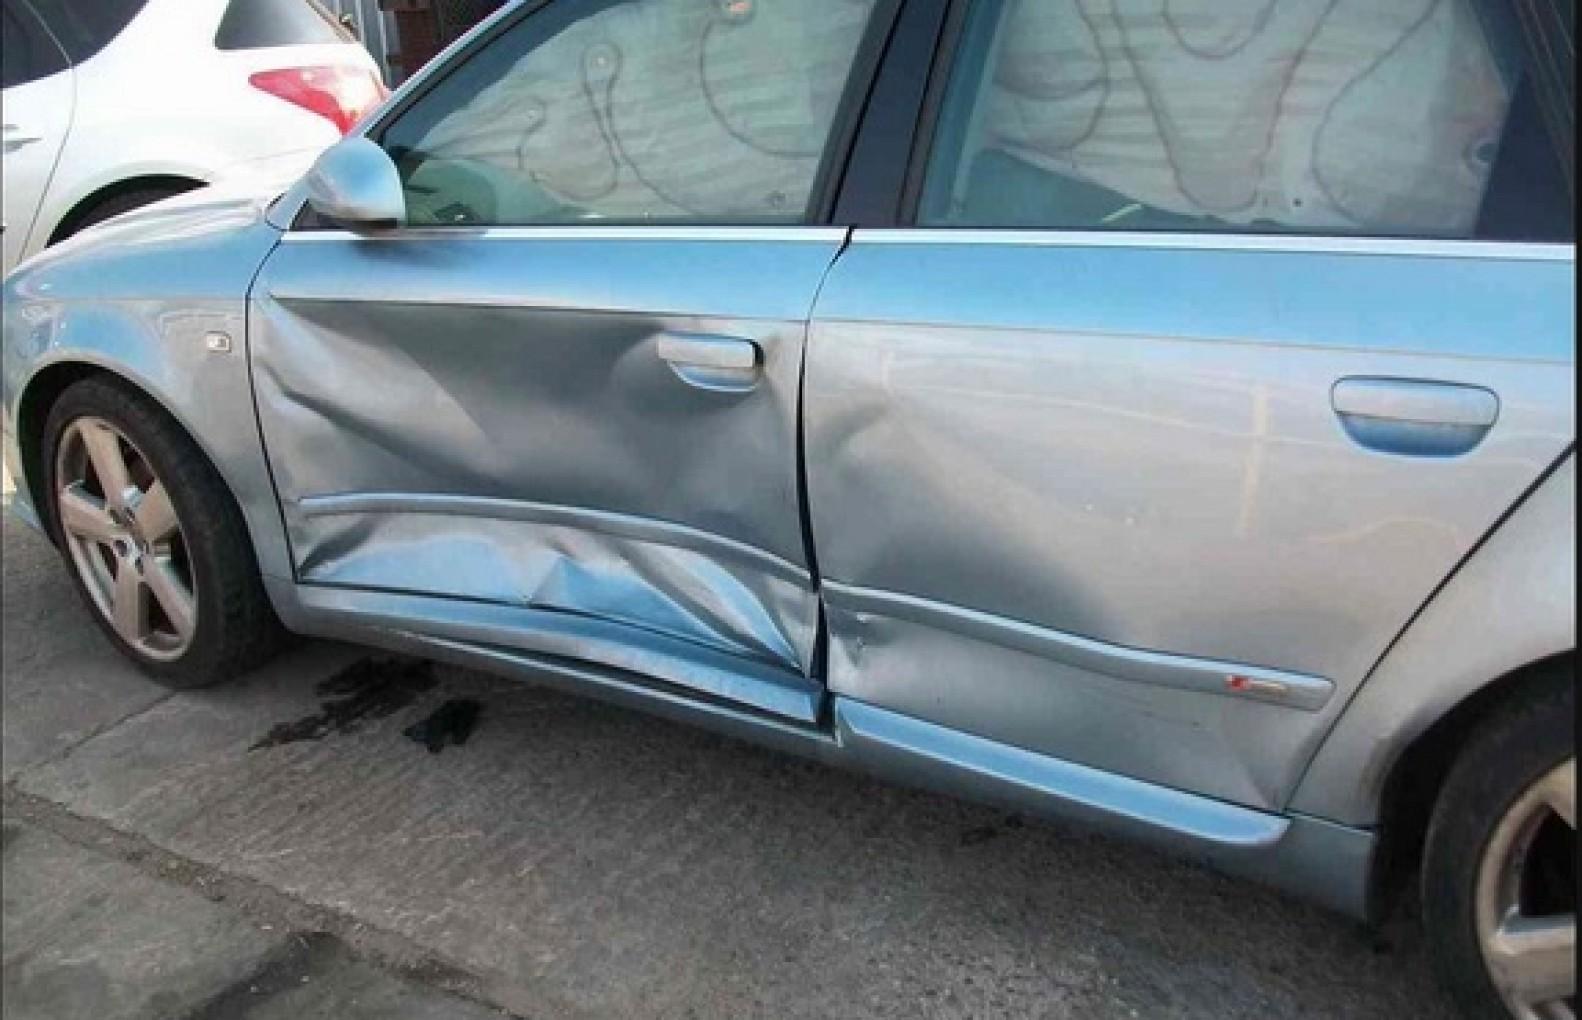 Balraj Singh Thumber Audi A4 side view